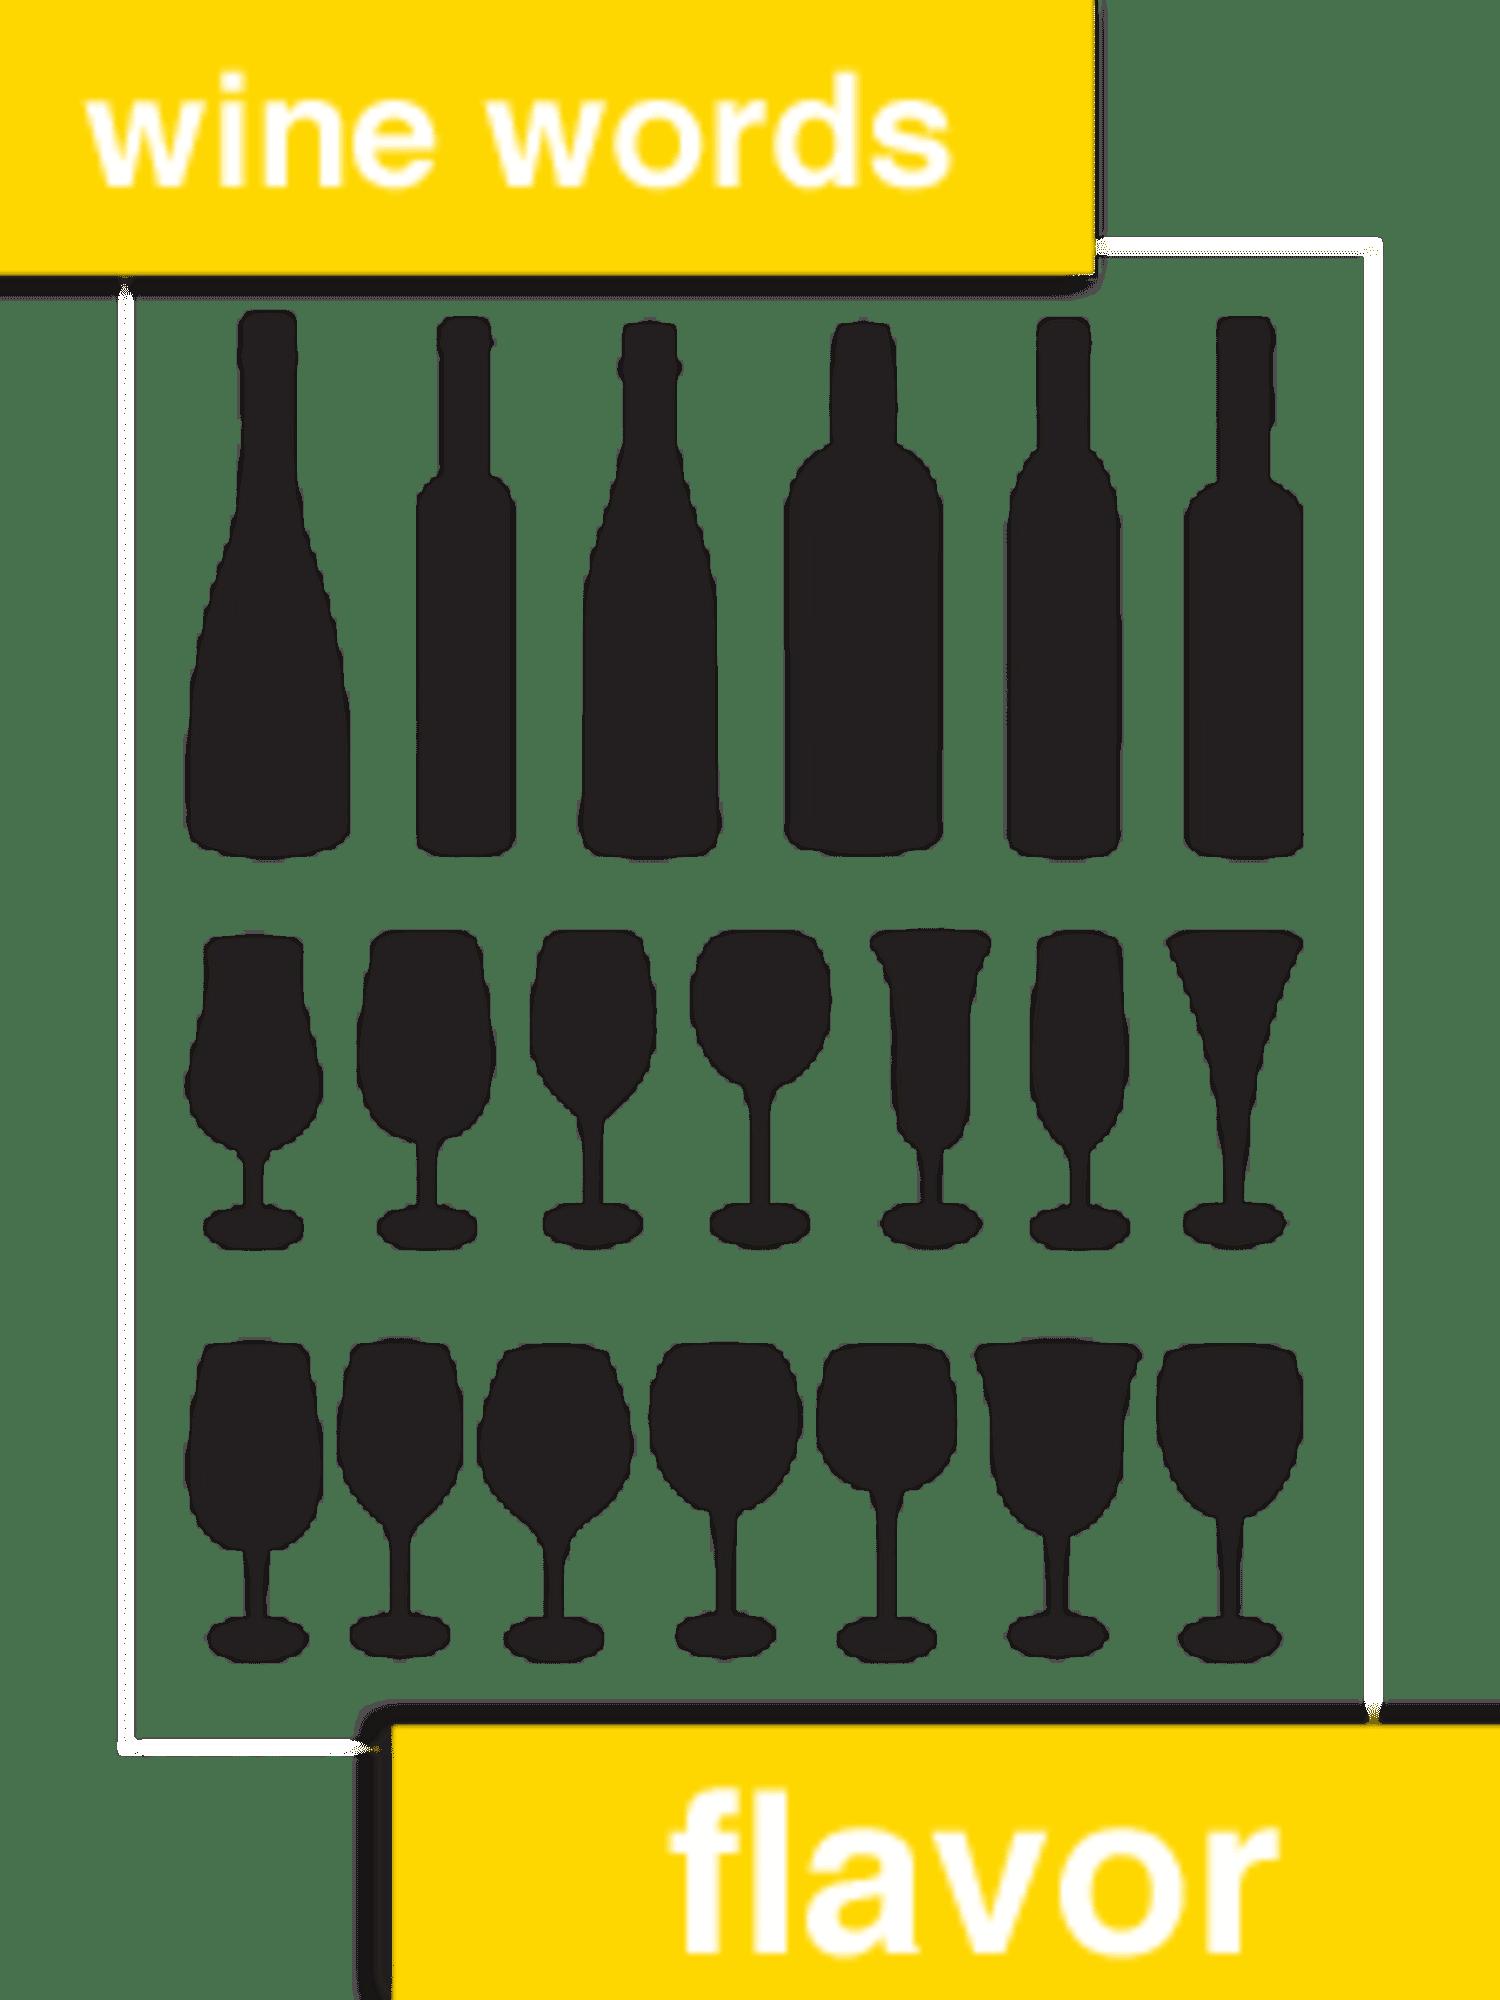 Wine Words Flavor Kitchn